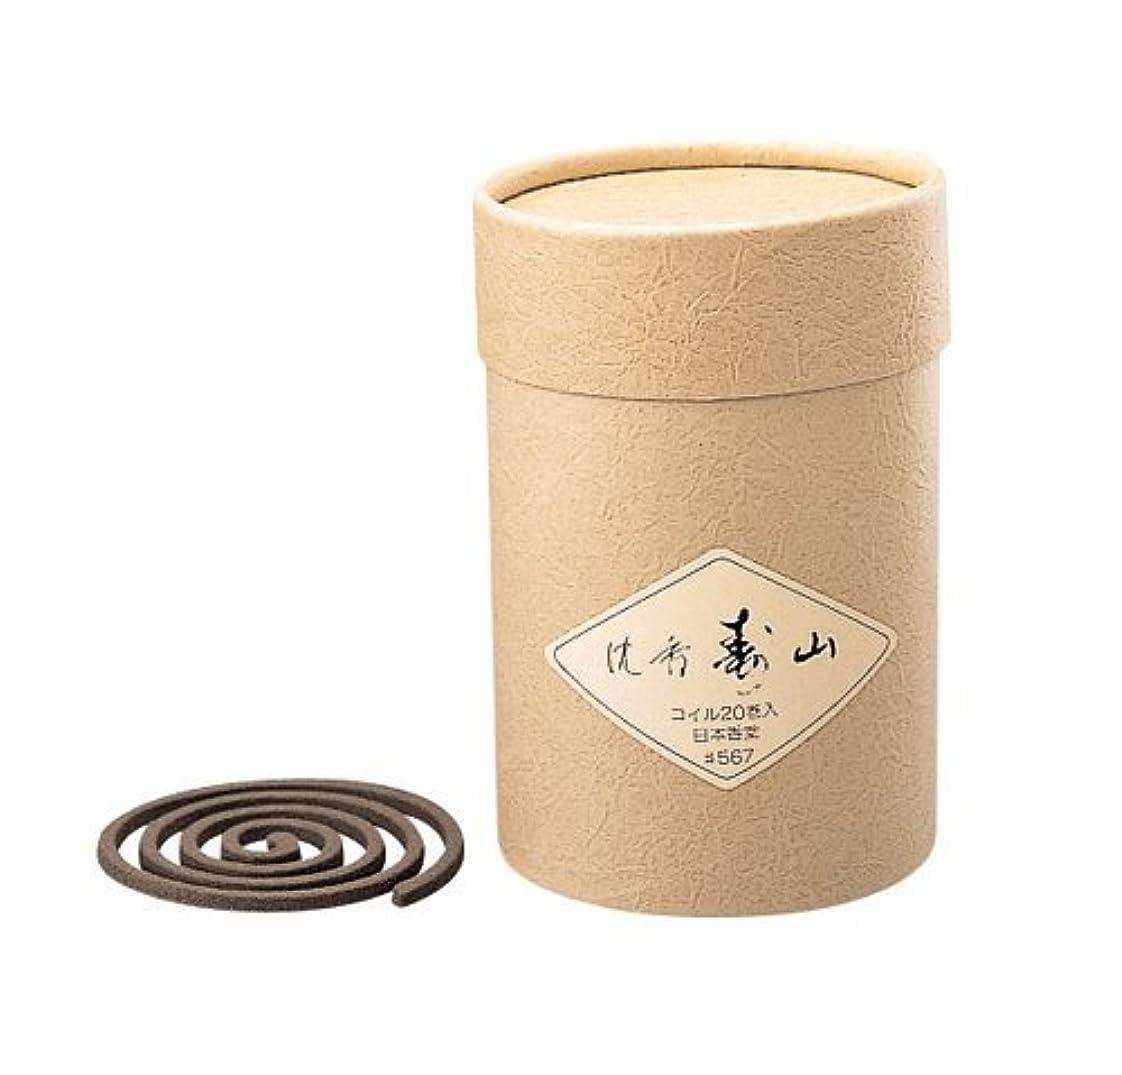 小道具クリップトラフ香木の香りのお香 沈香寿山 コイル20巻入【お香】